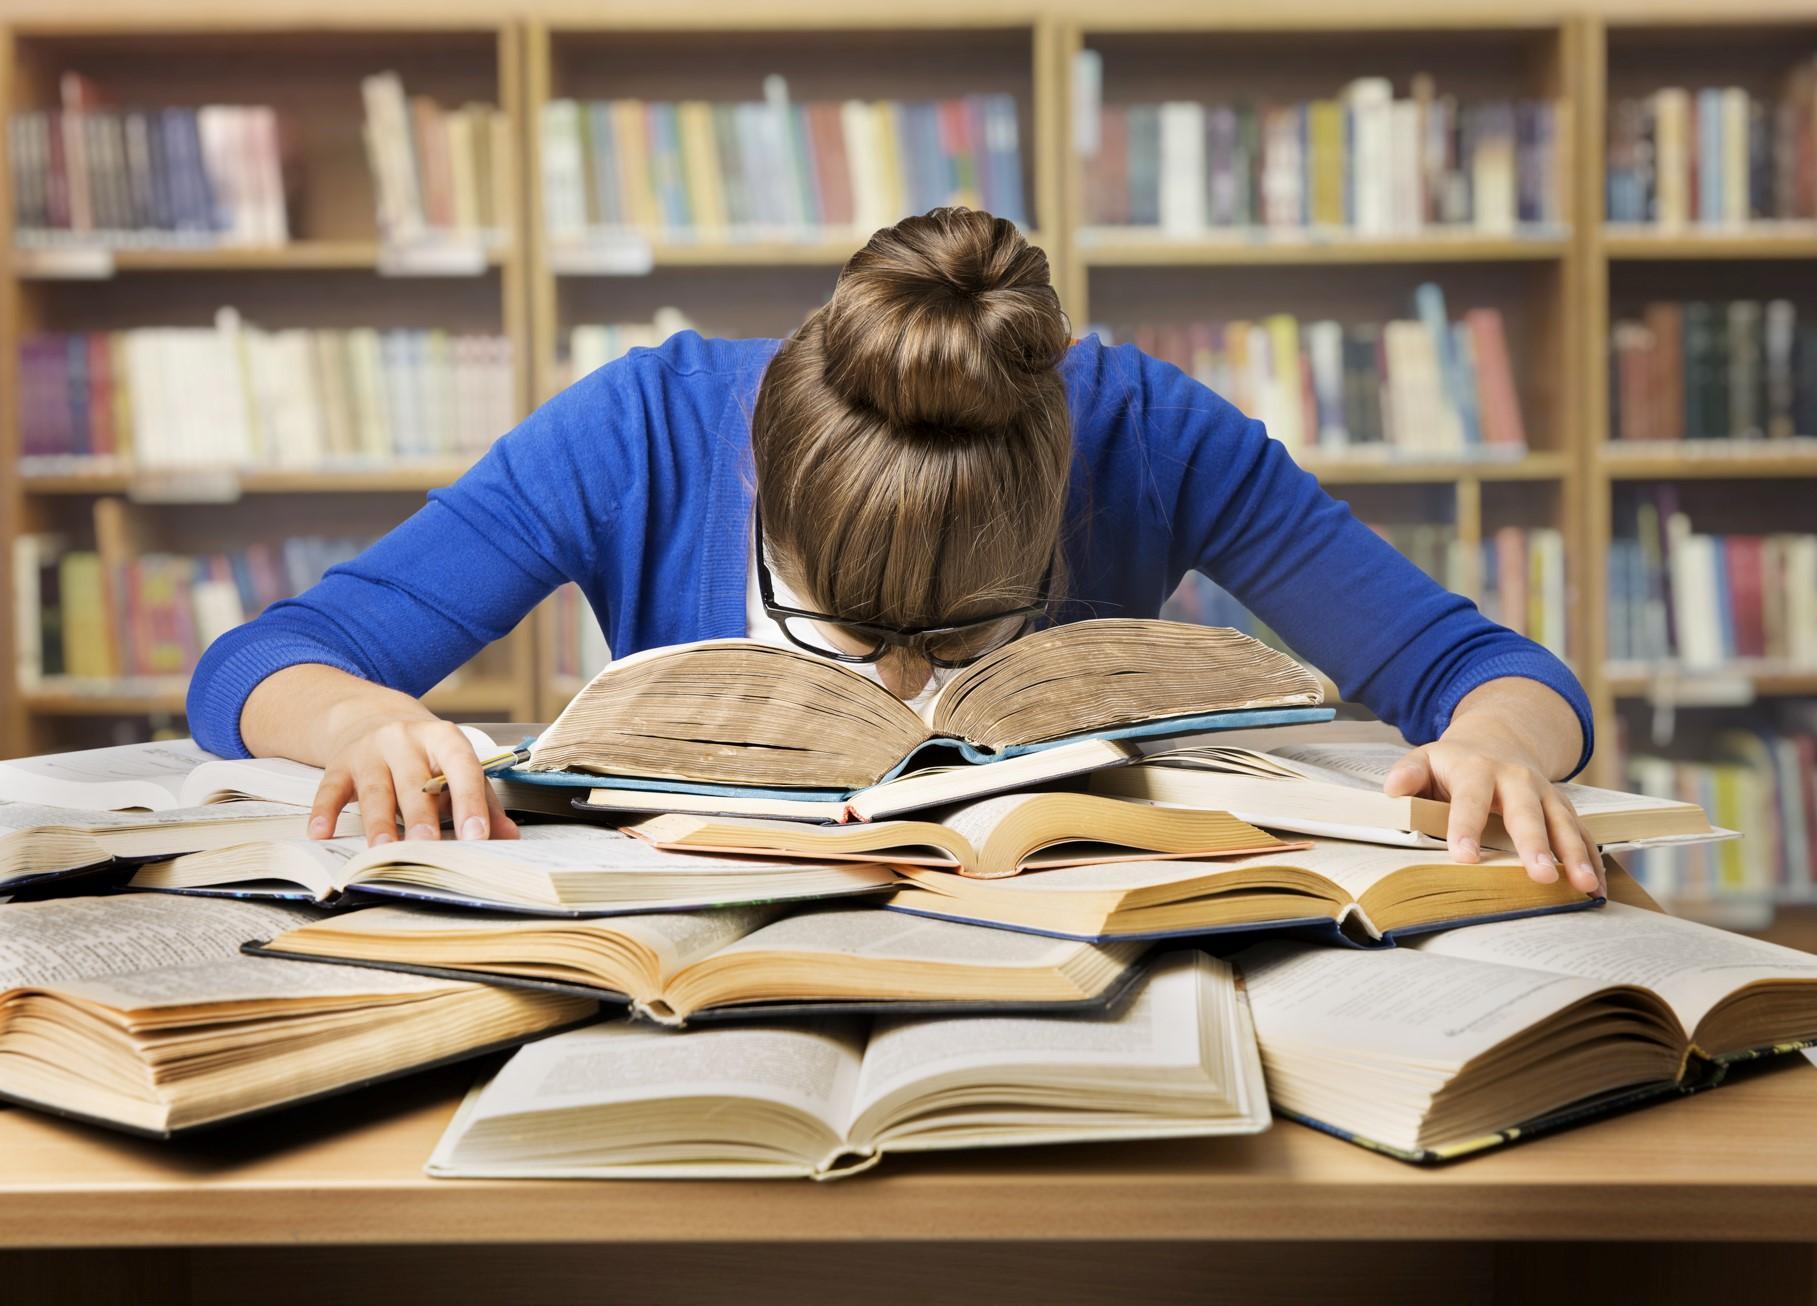 Αυτοφροντίδα : Άγχος μελέτης, φρόντισε να το αποβάλλεις